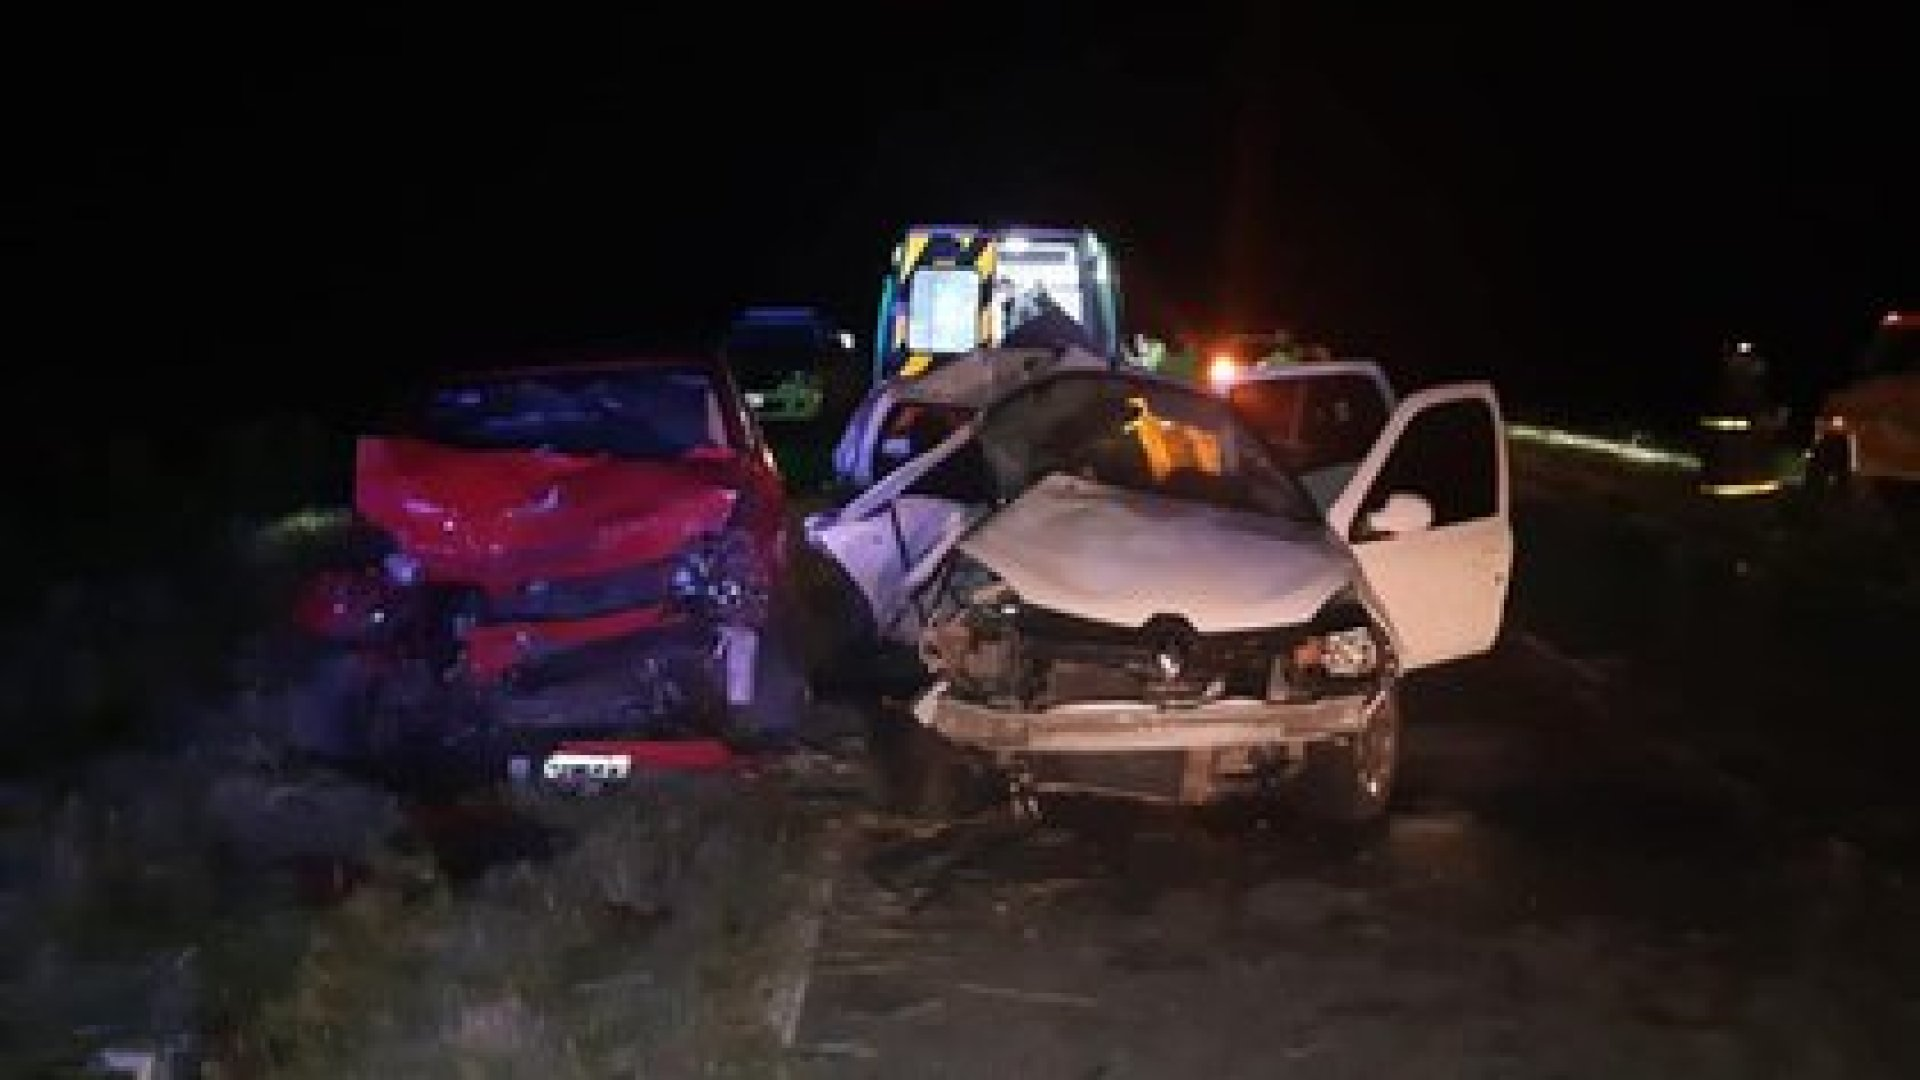 El accidente se produjo cerca de las 22 del viernes en el kilóemtro 5 de la Ruta 56, a la altura de General Conesa